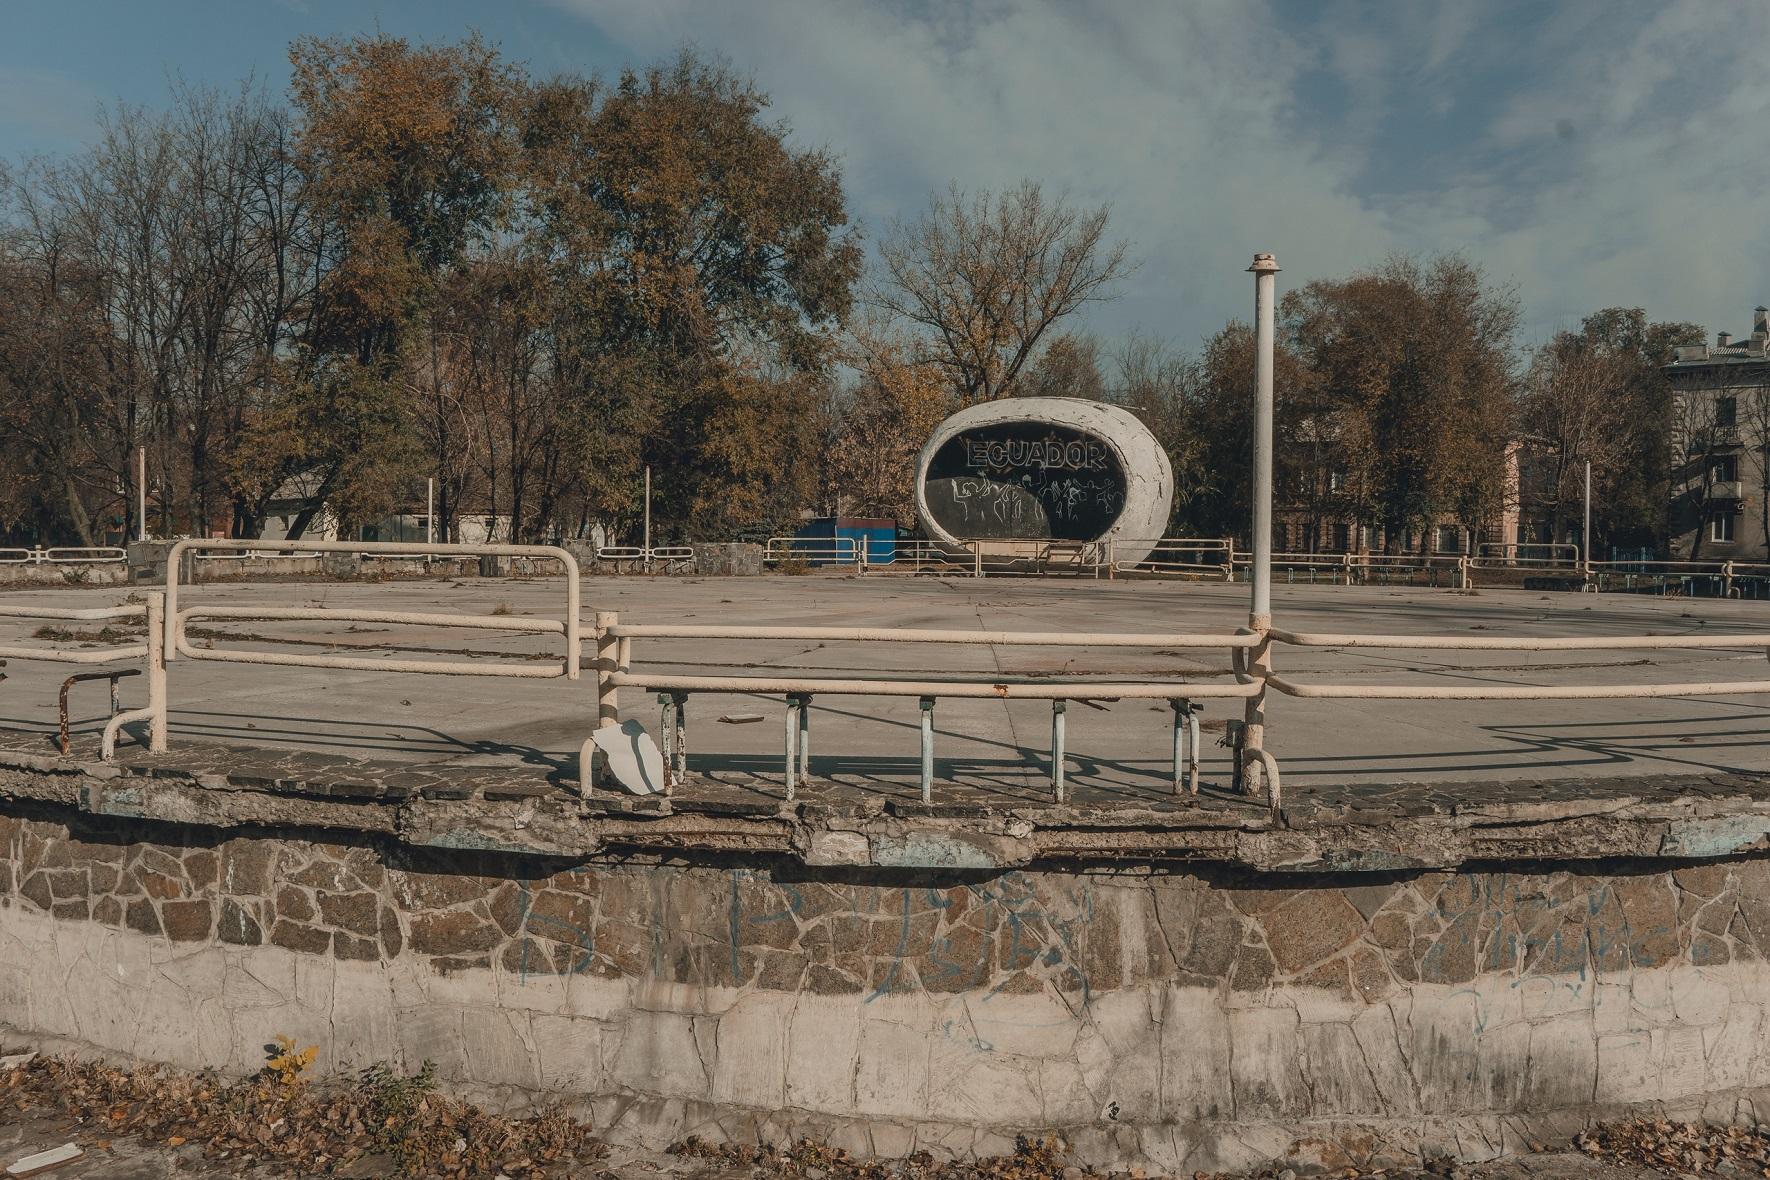 луганск, лнр, война на донбассе, фото, русский мир, соцсети